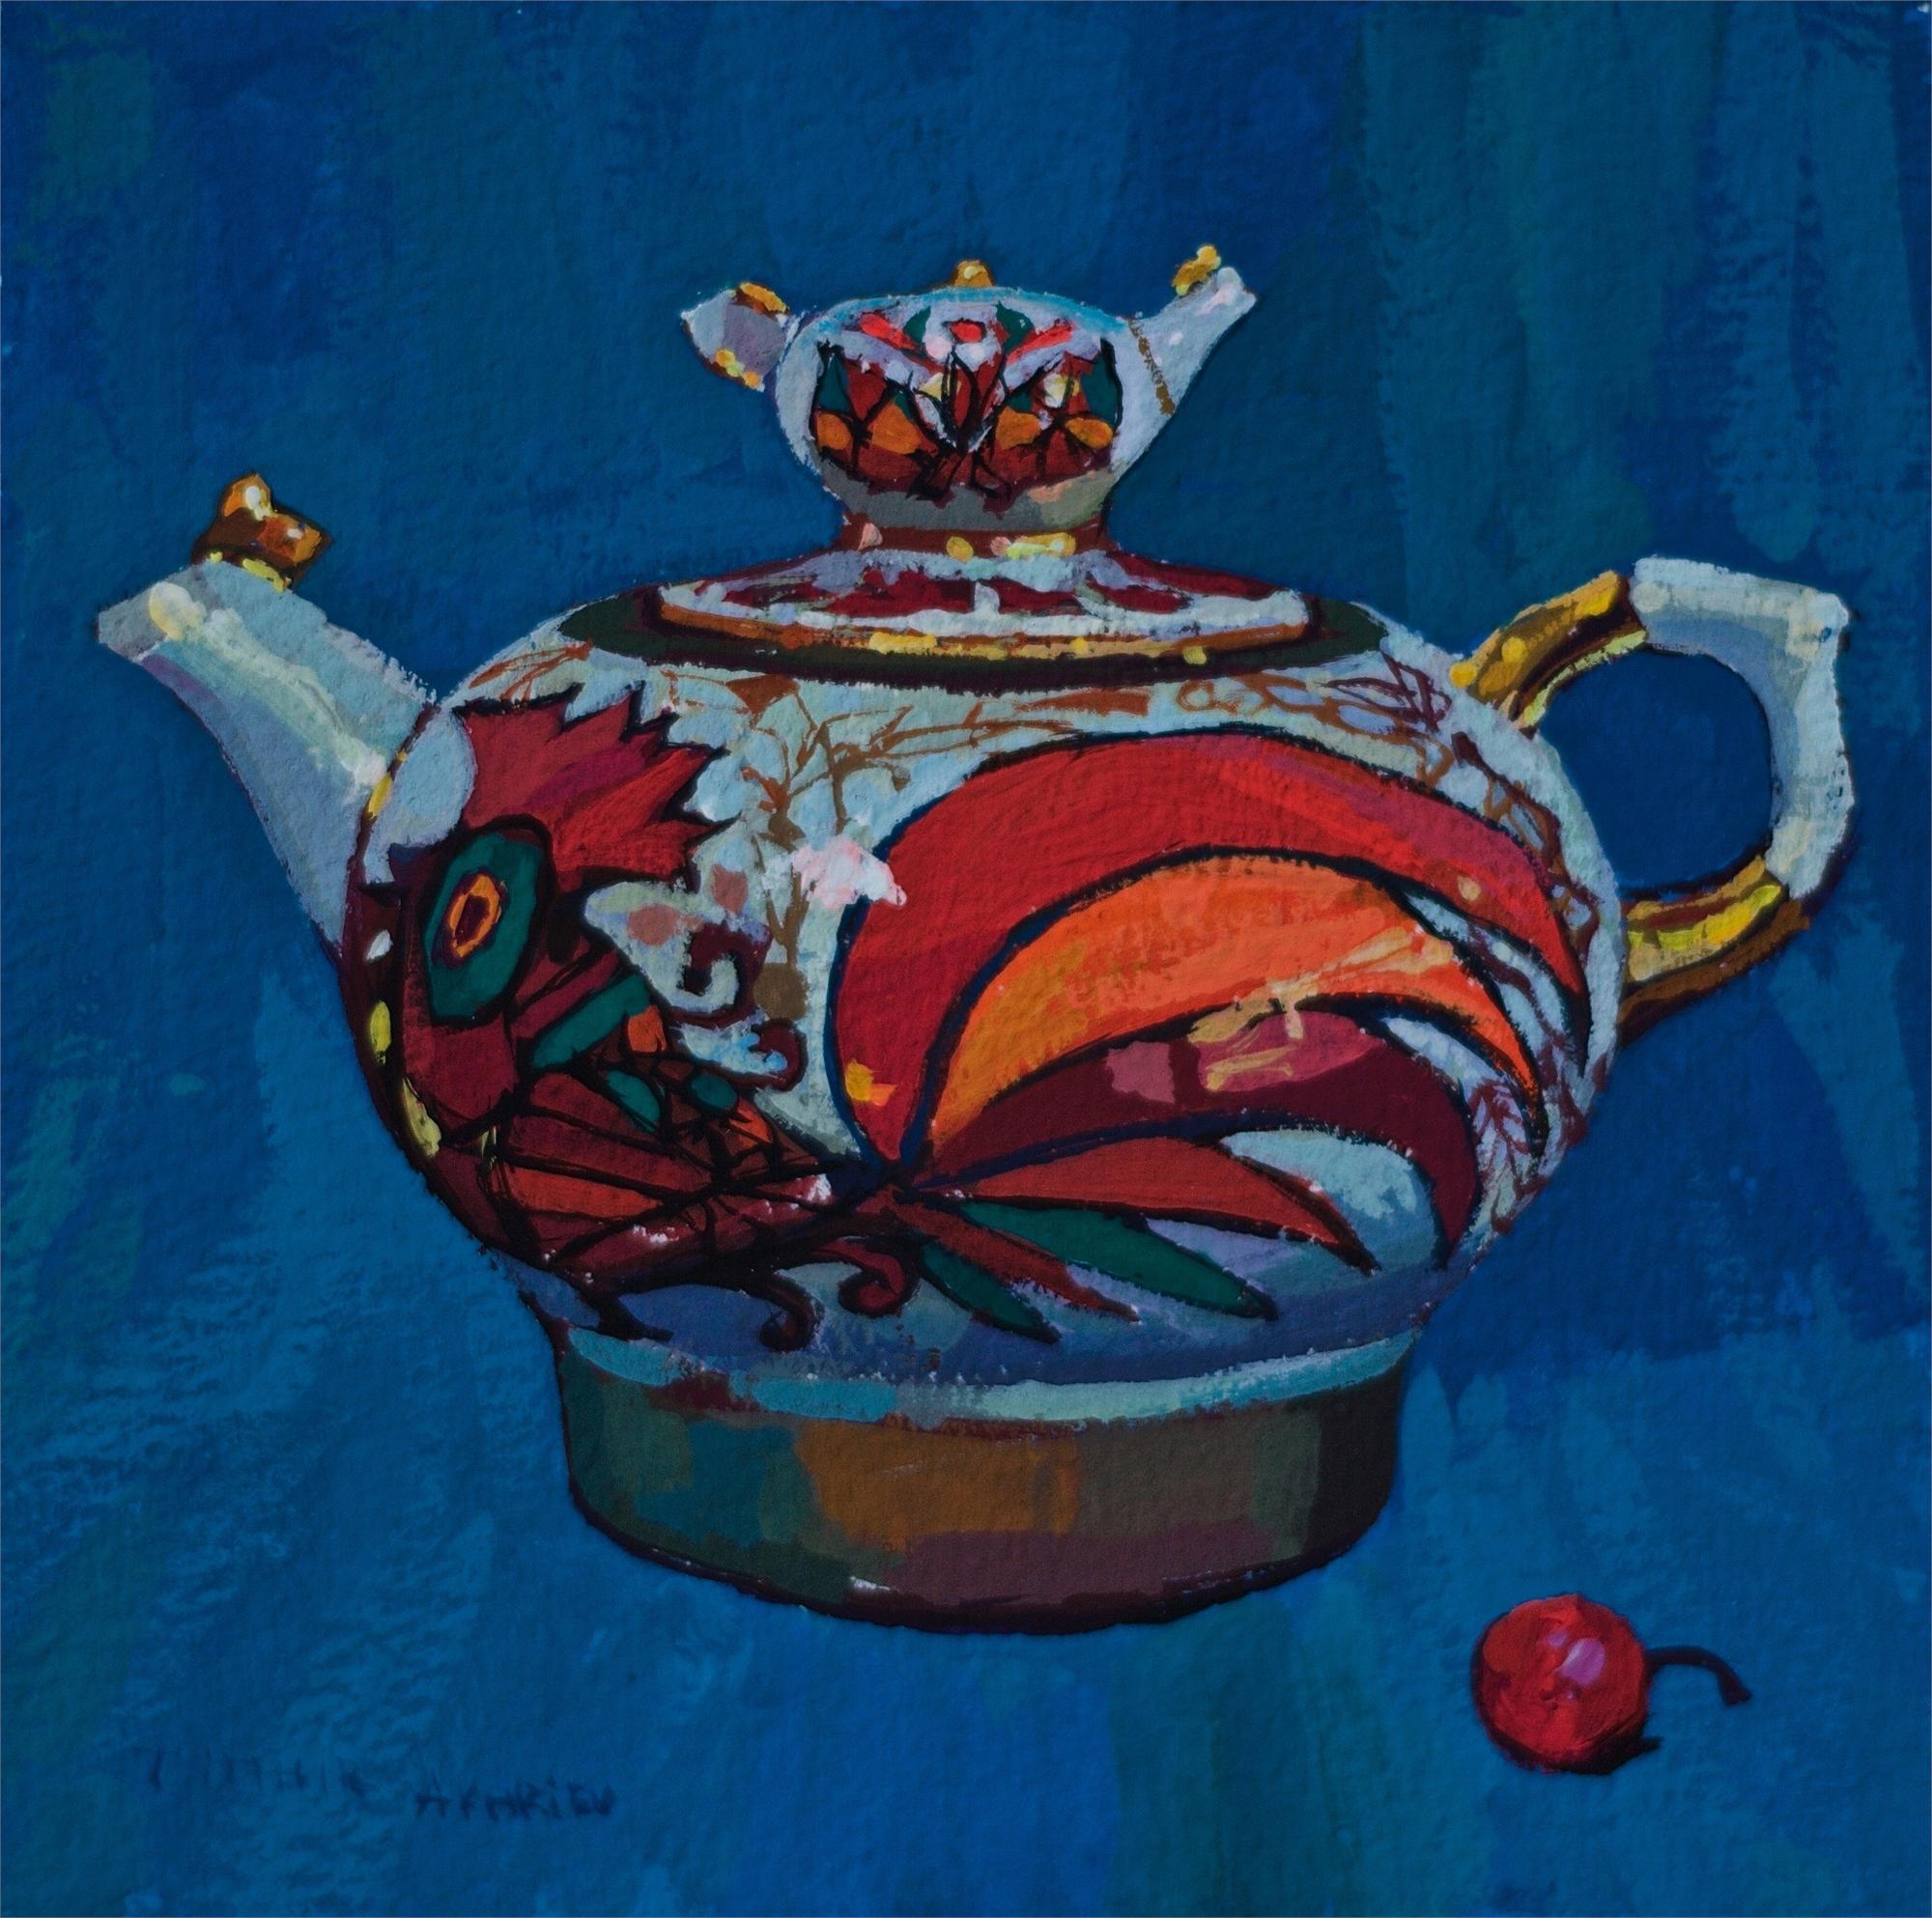 Russian Teapot by Timur Akhriev